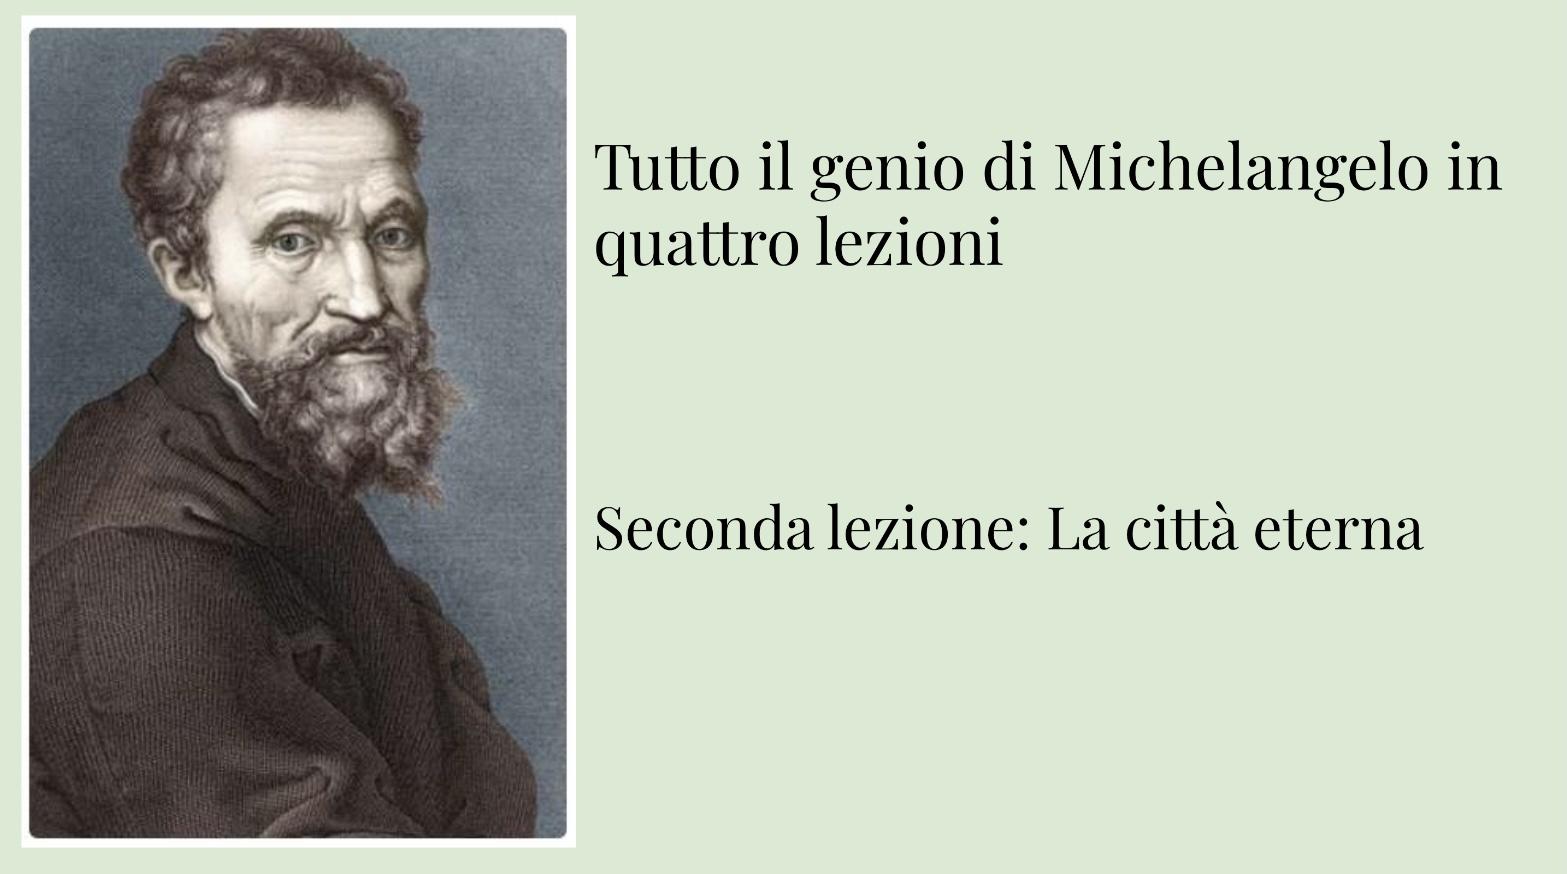 Tutto il genio di Michelangelo: seconda lezione